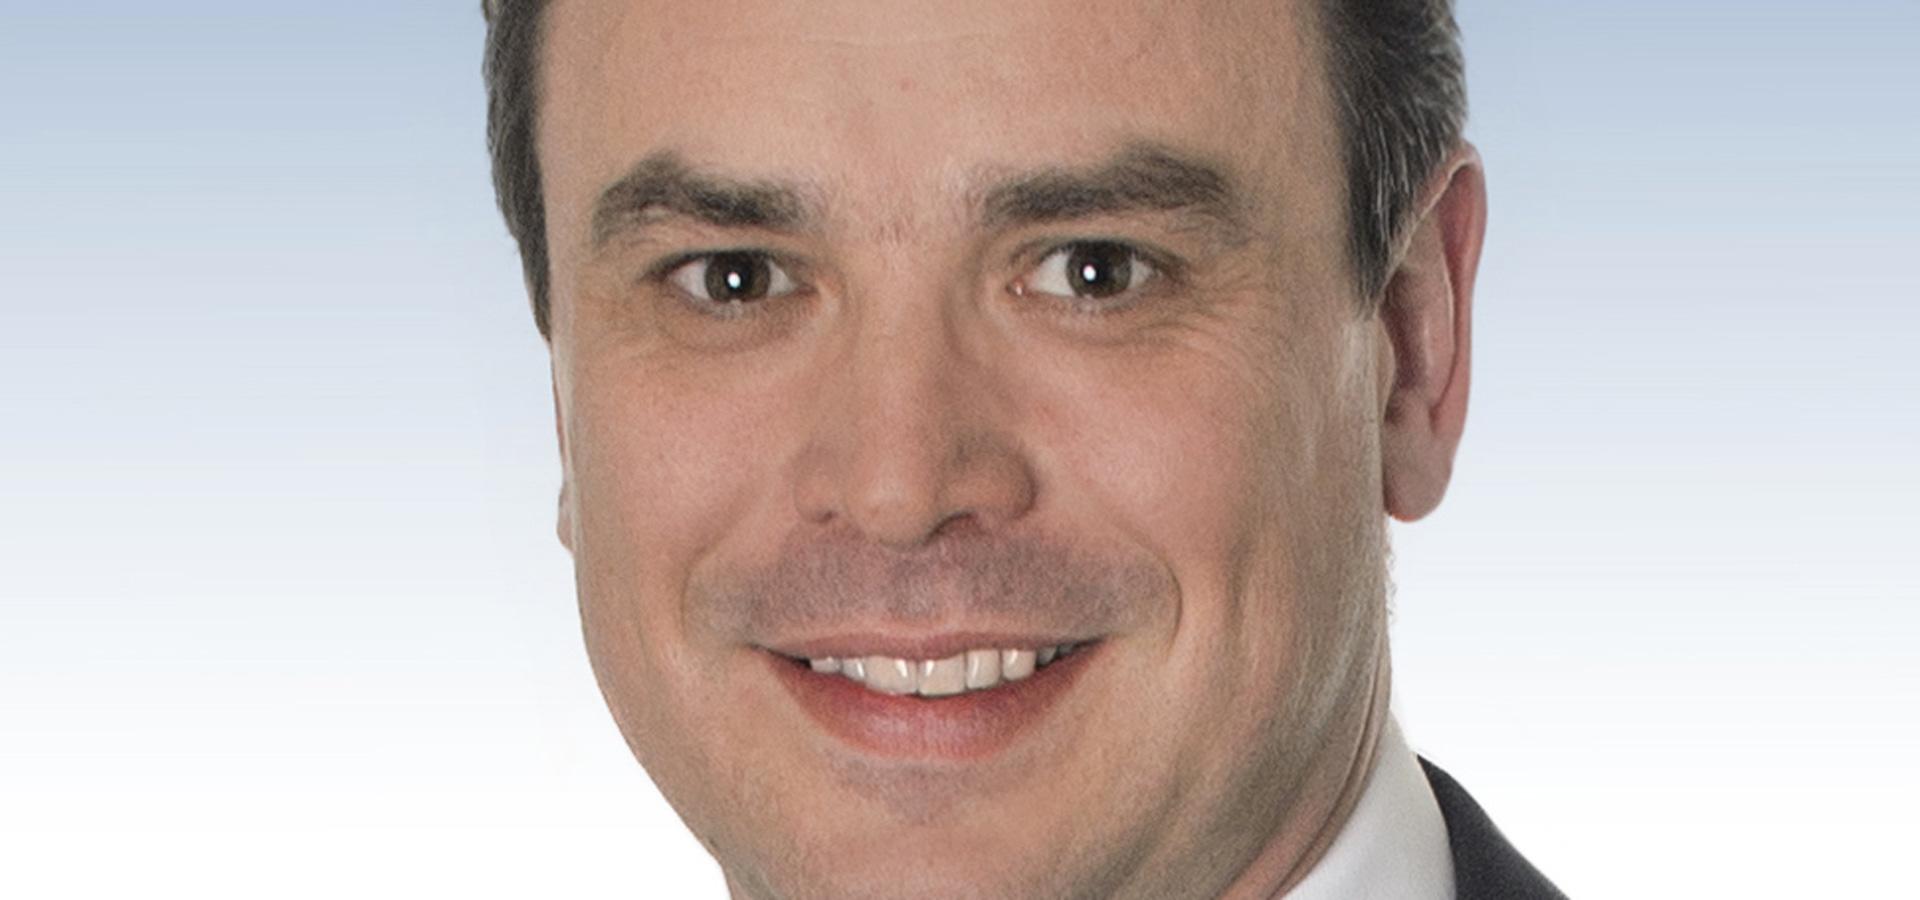 Wyborowa zmienia dyrektora marketingu dyrektor marketingu Mediarun com Philip Ainsworth Wyborowa